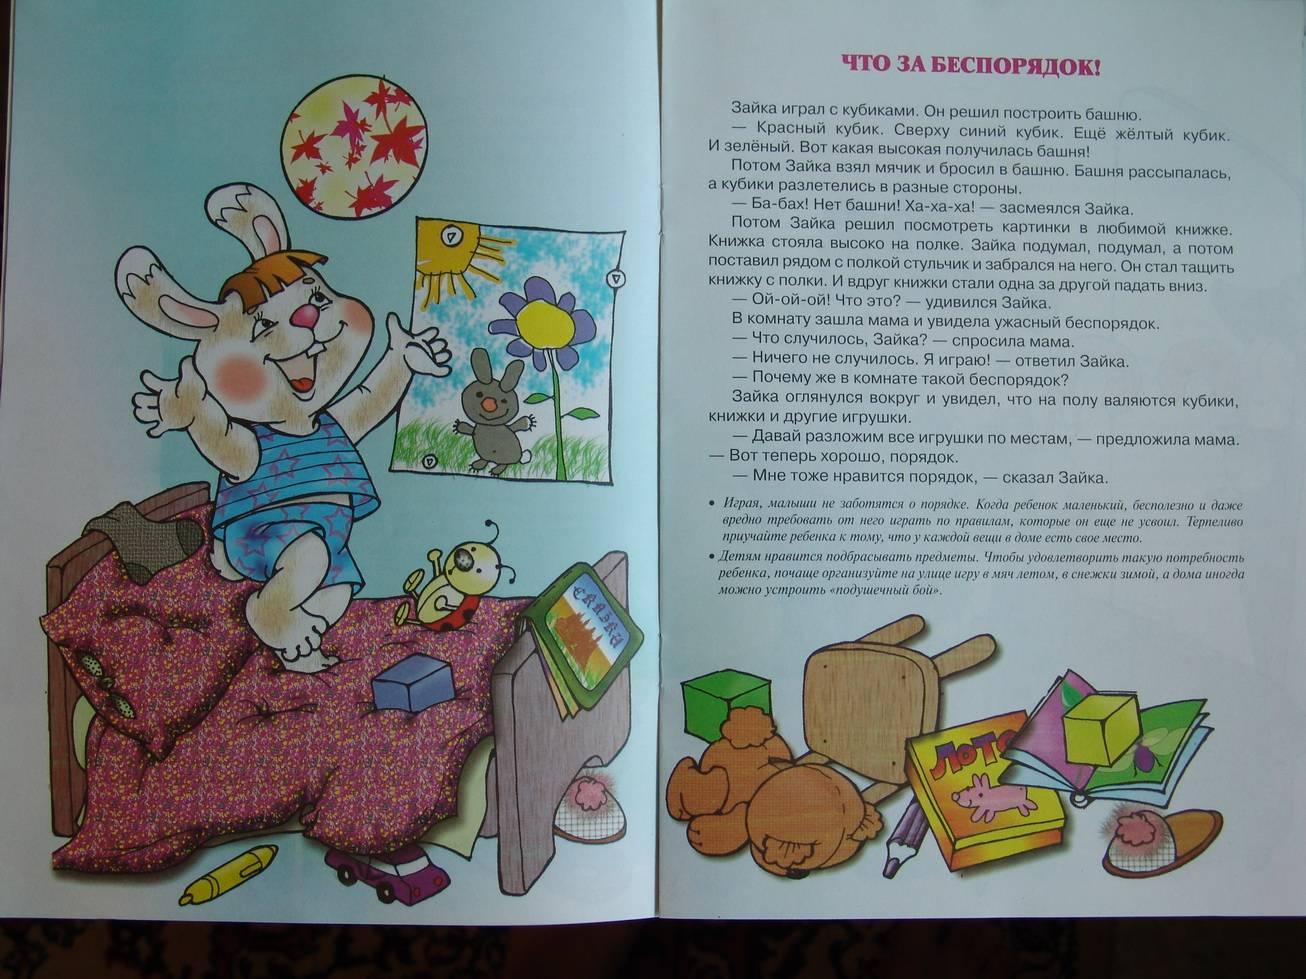 Иллюстрация 1 из 6 для Ой, как интересно! - Елена Янушко | Лабиринт - книги. Источник: Лаванда